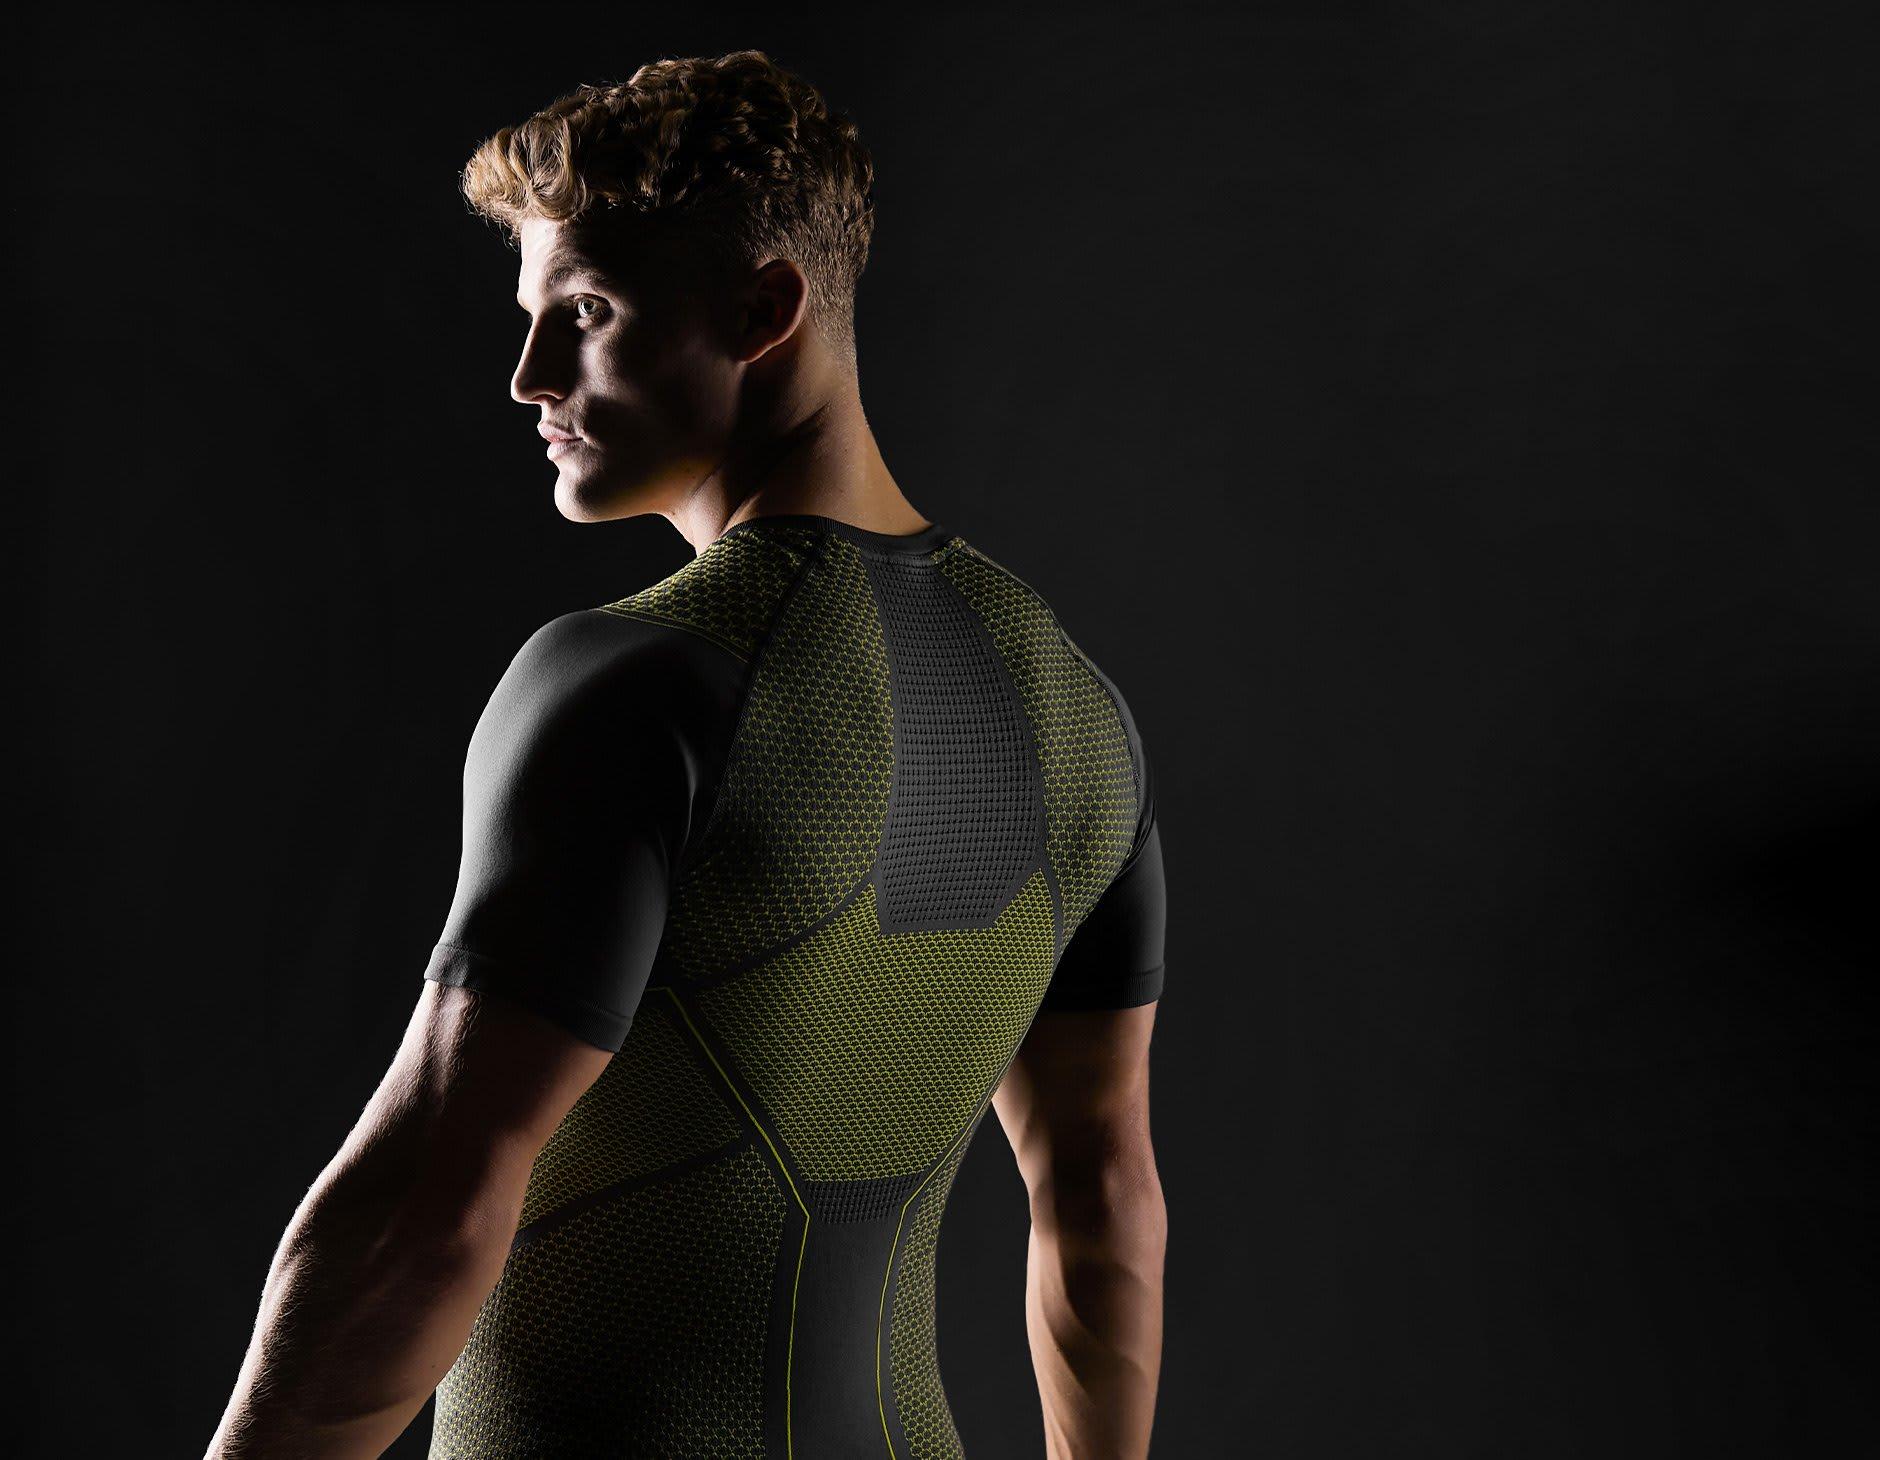 Un modèle masculin est présenté de dos montrant les détails du t-shirt Onyx couleur charbon/vert citron sur un arrière-plan noir.